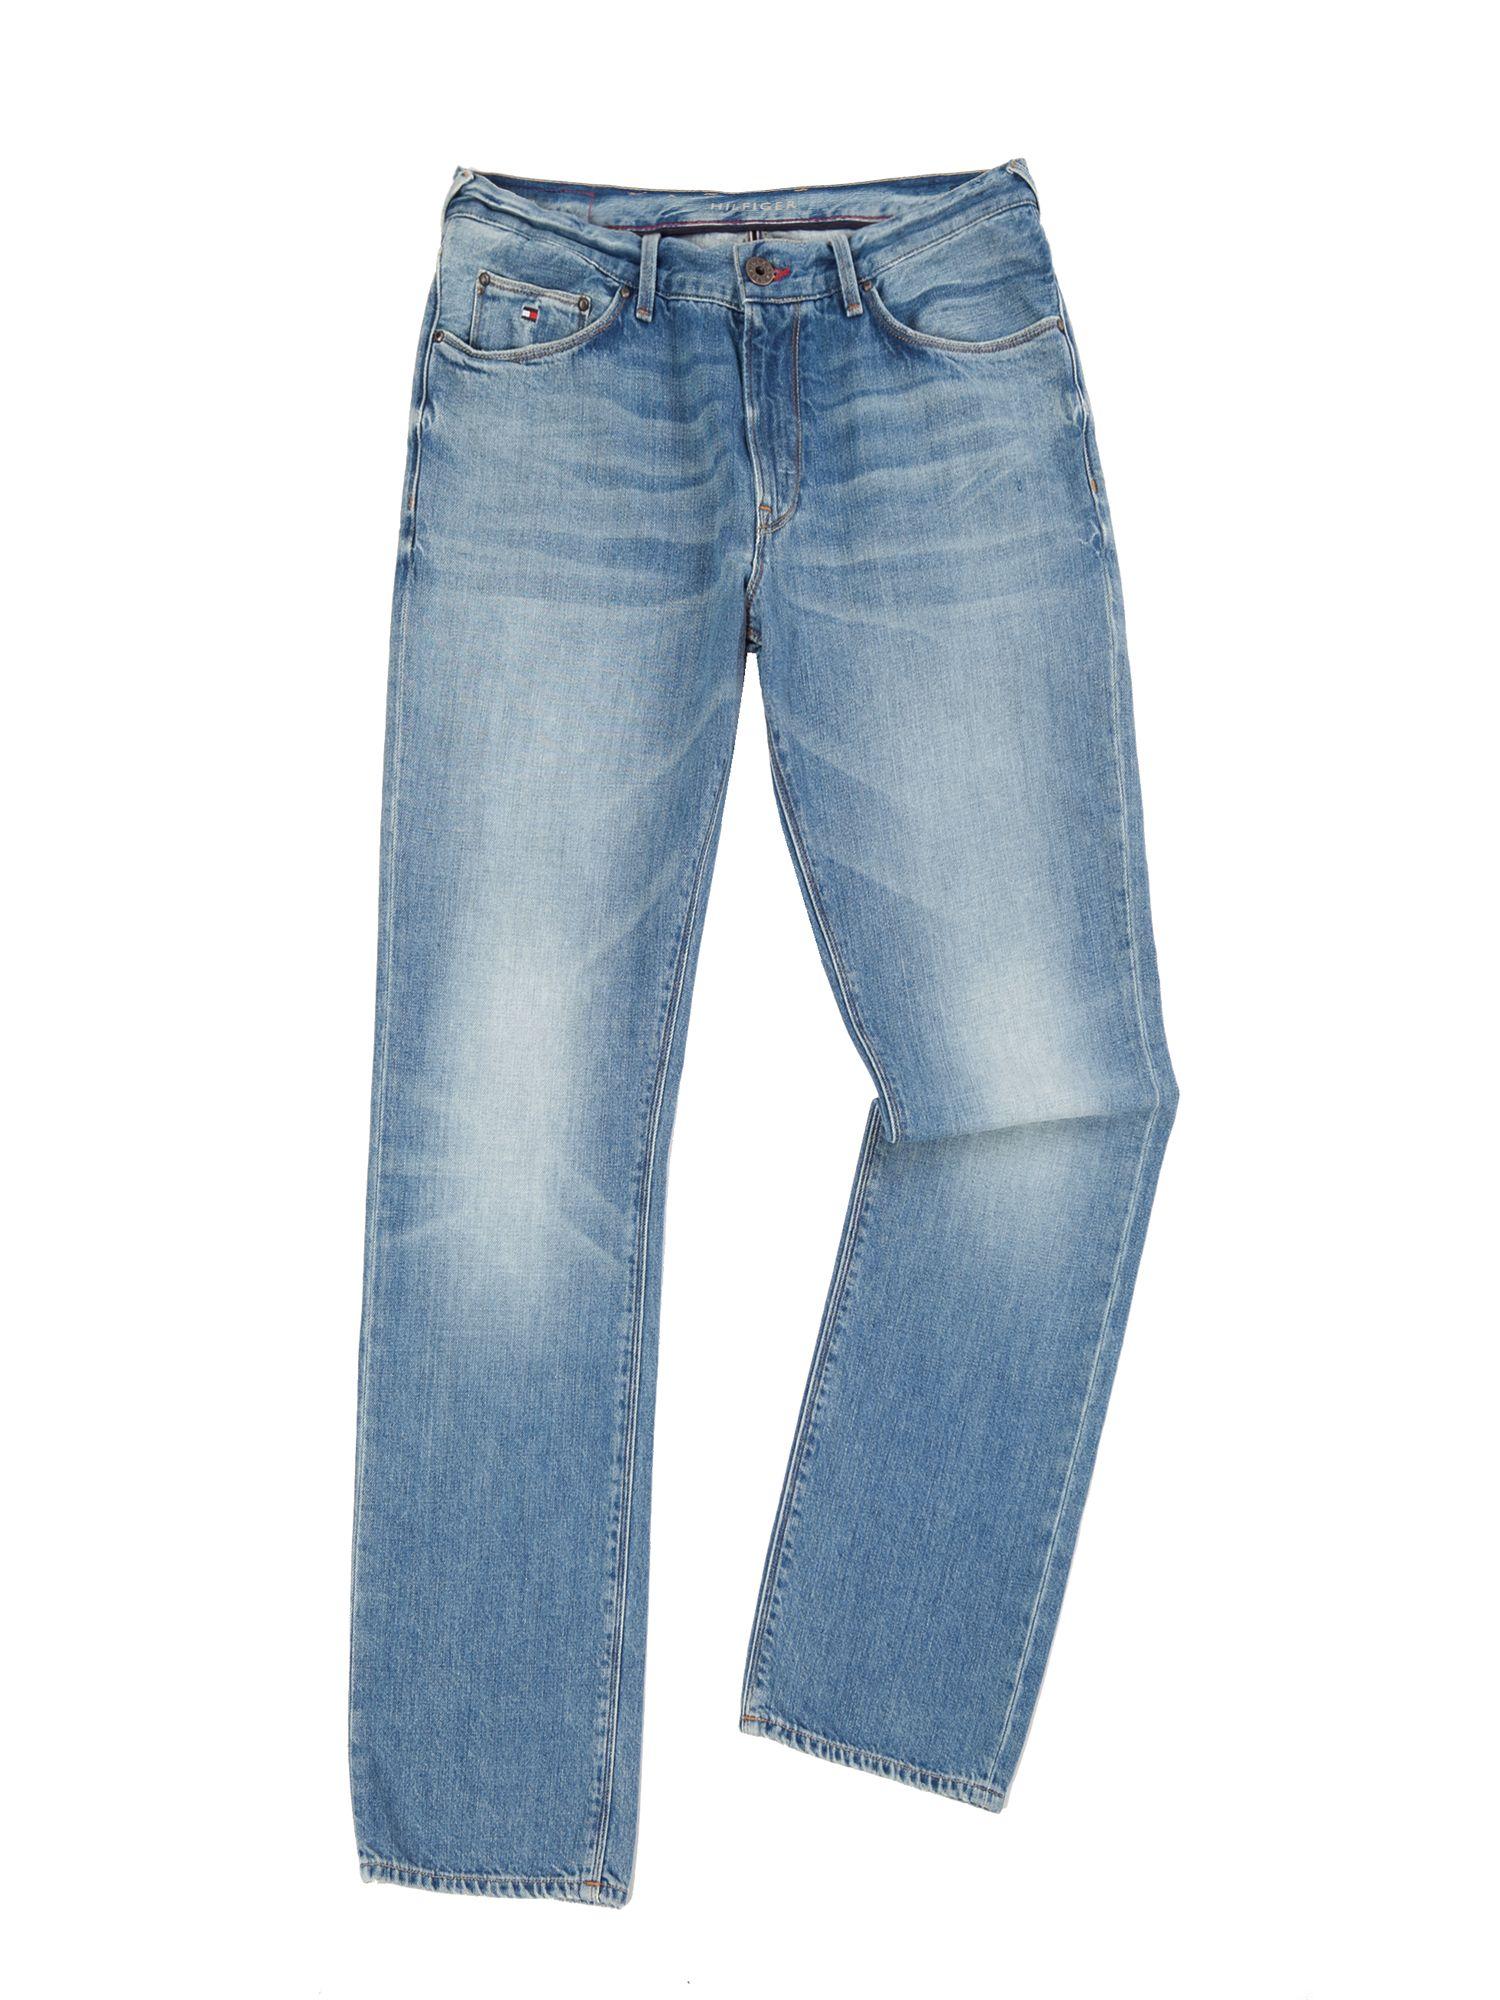 tommy hilfiger mercer venice blue jeans in blue for men lyst. Black Bedroom Furniture Sets. Home Design Ideas